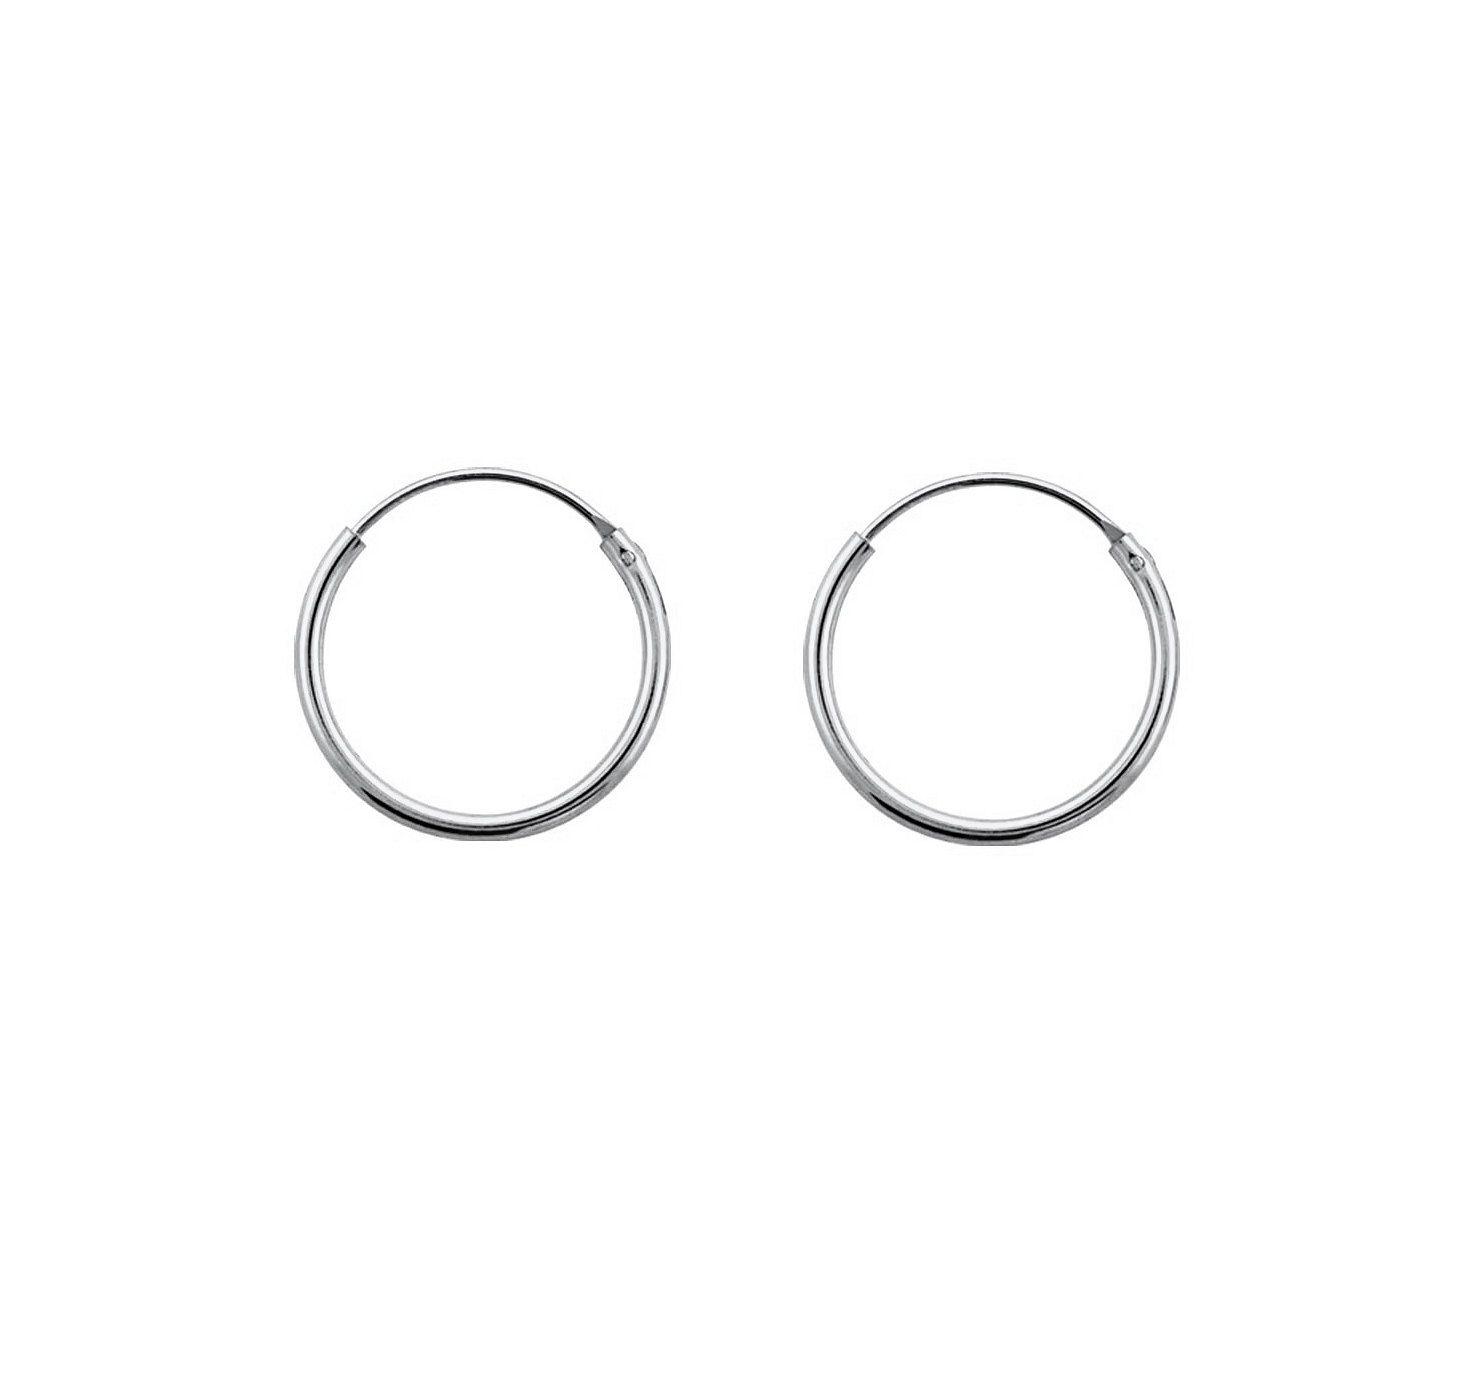 Small Sterling Silver Hoop Earrings – Evyral Small Gold Hoop  Earringscartilage